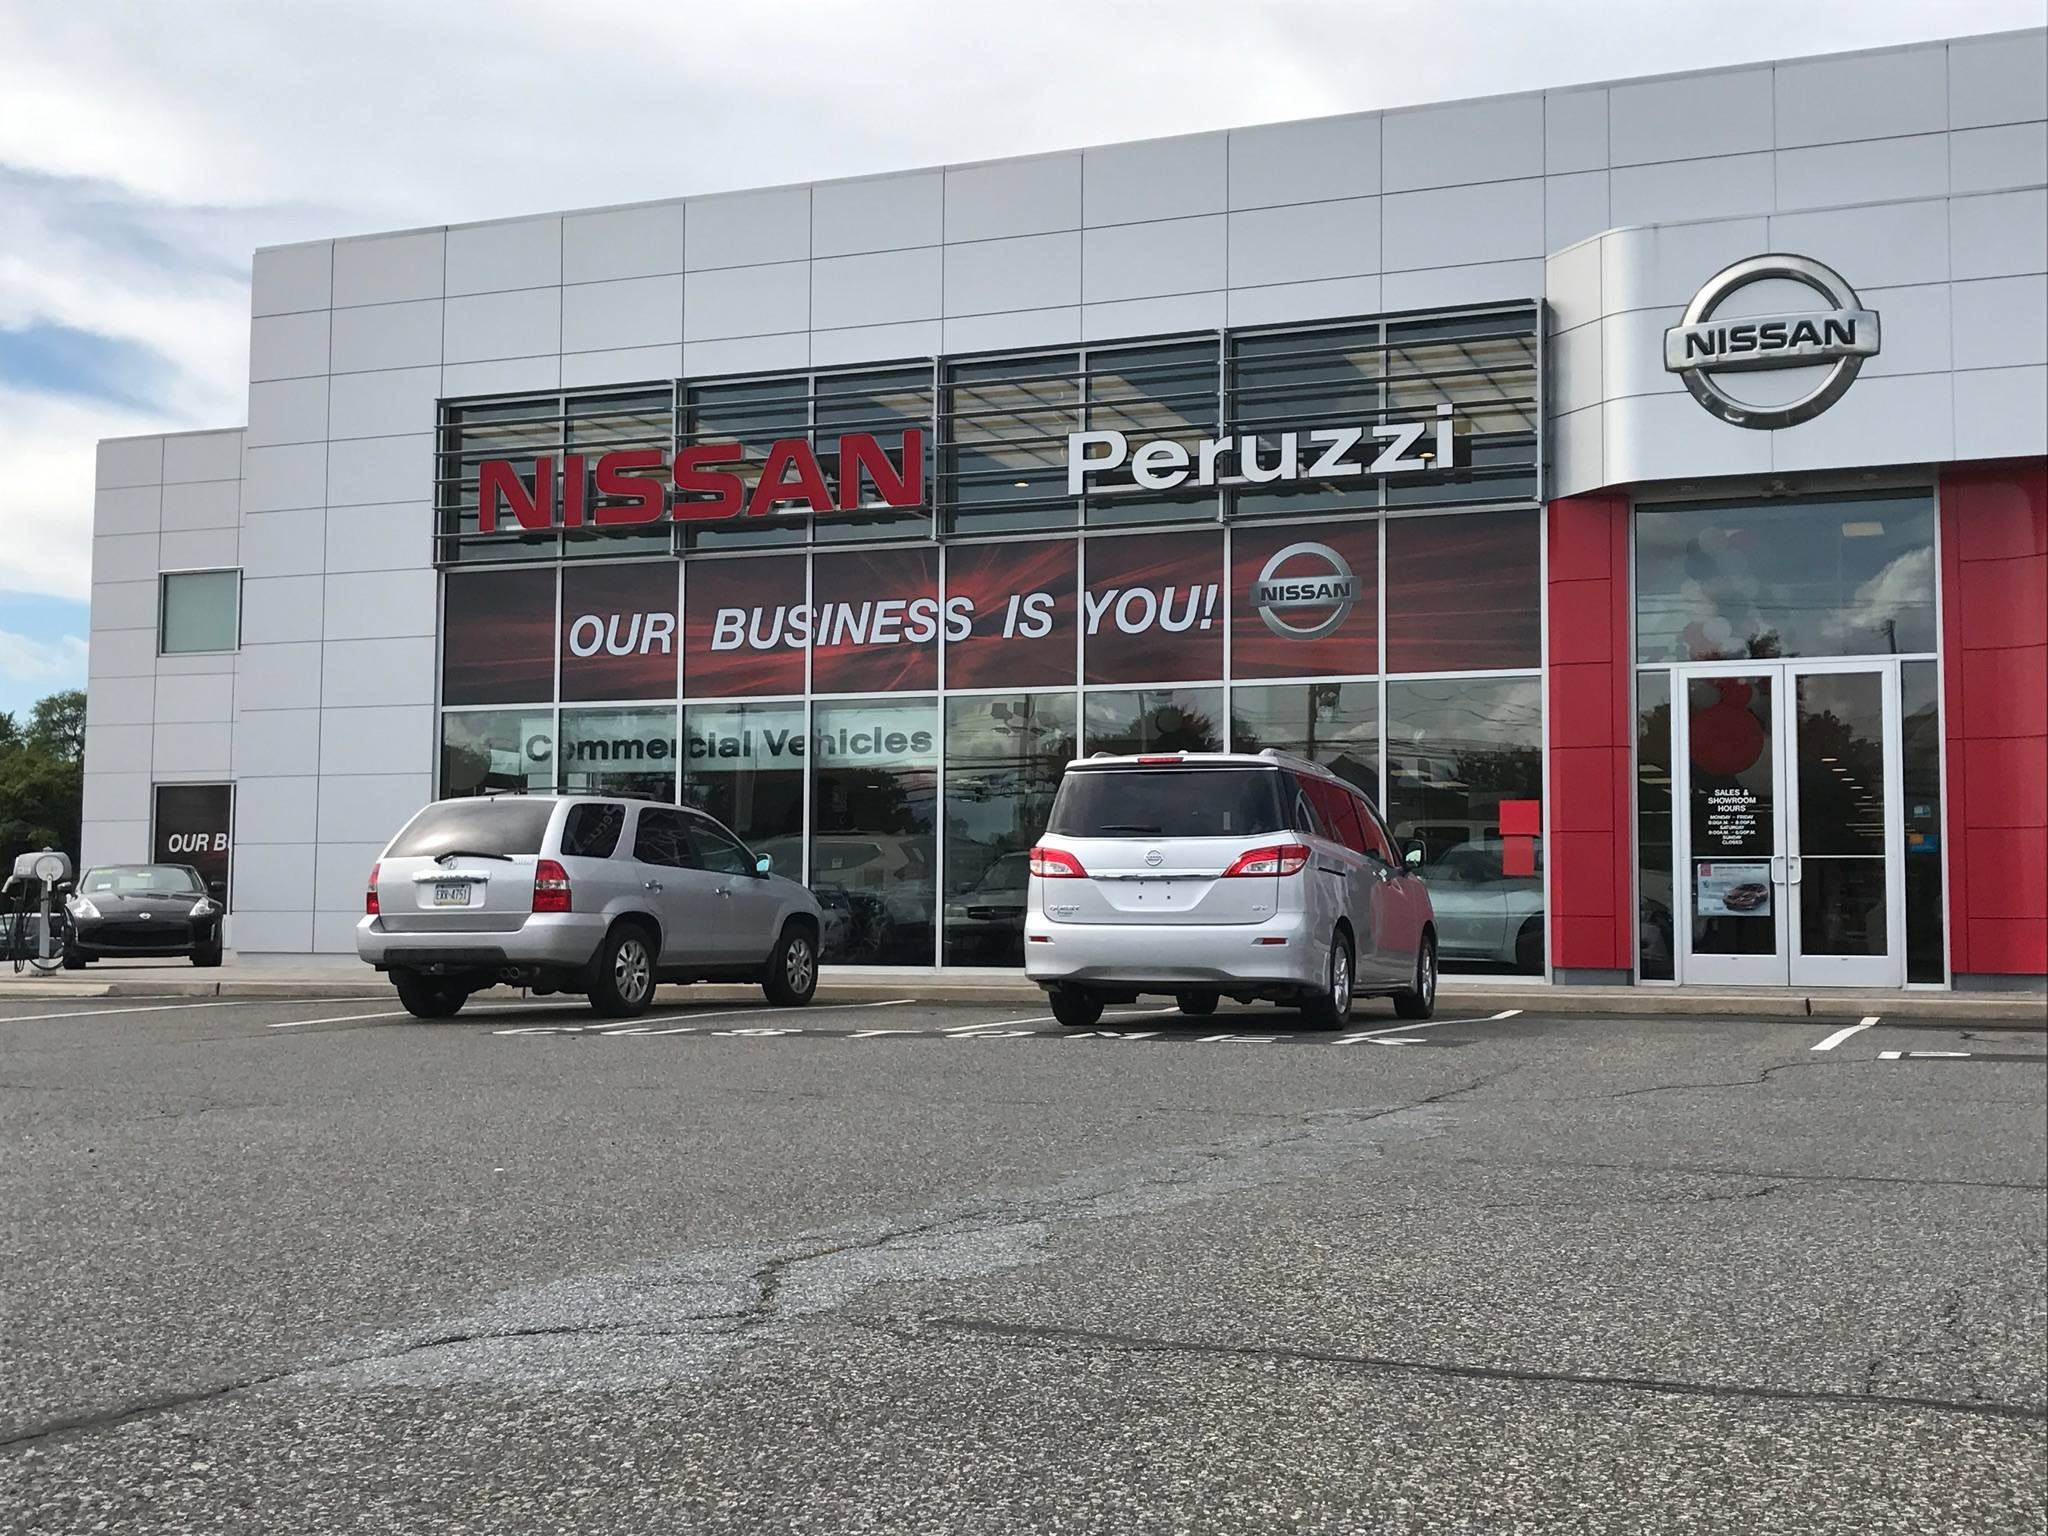 Peruzzi Car Dealership Custom Sign Job